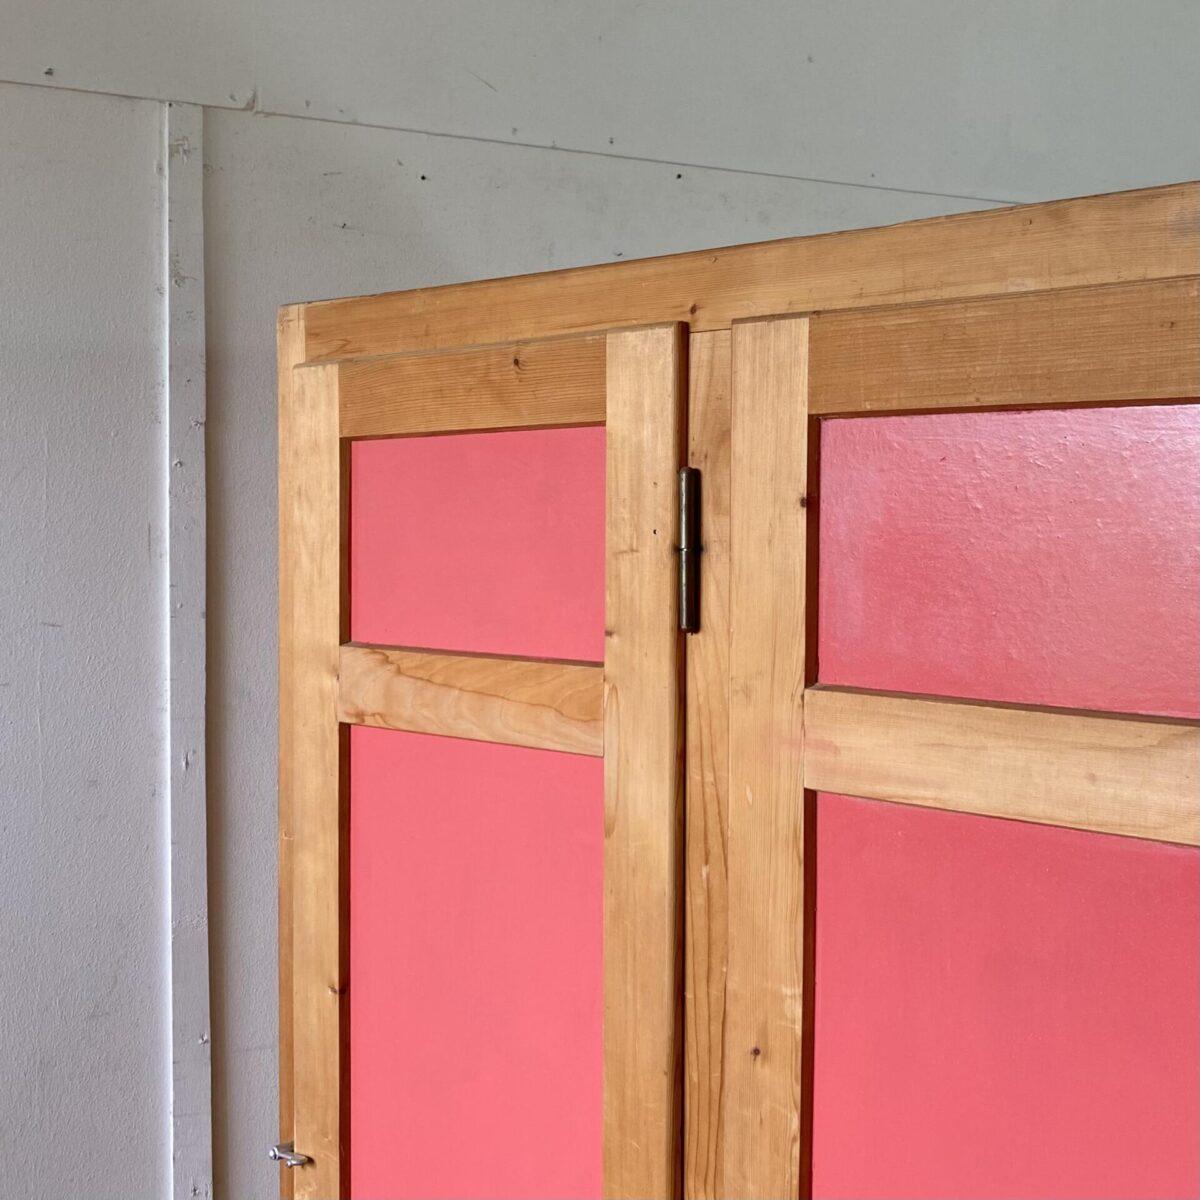 Deuxieme.shop Pavatex Schrank. Thut Kleiderschrank aus Fichtenholz mit Pavatex Füllungen. 157.5x55cm Höhe 180,5cm. Hinter der linken Türe sind Tablare, rechts und in der Mitte ein Tablar mit Kleiderstange. Die Pavatex Füllungen sind Altrosa lackiert. Die Schlüssel sind nicht vorhanden, Türen und Scharniere funktionieren gut. Der Schrank hat diverse Gebrauchsspuren wie Hicke und Schrammen, insgesamt in stabilem vintage Zustand.